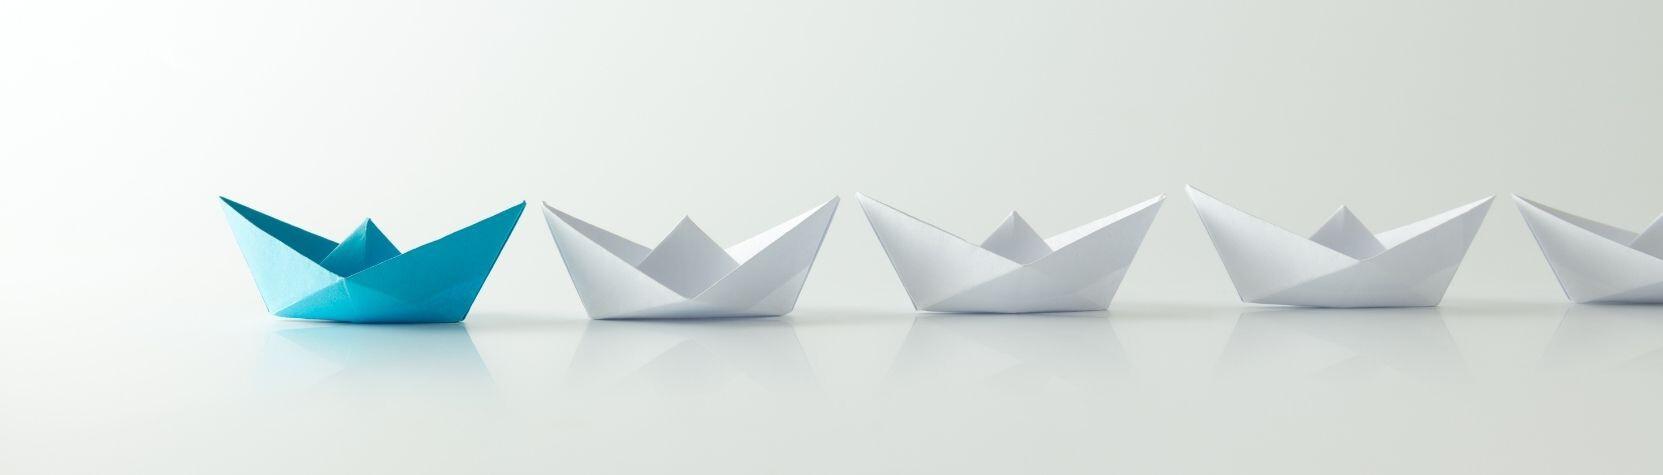 Vds training consultants blog hoe wendbare leiders zich onderscheiden